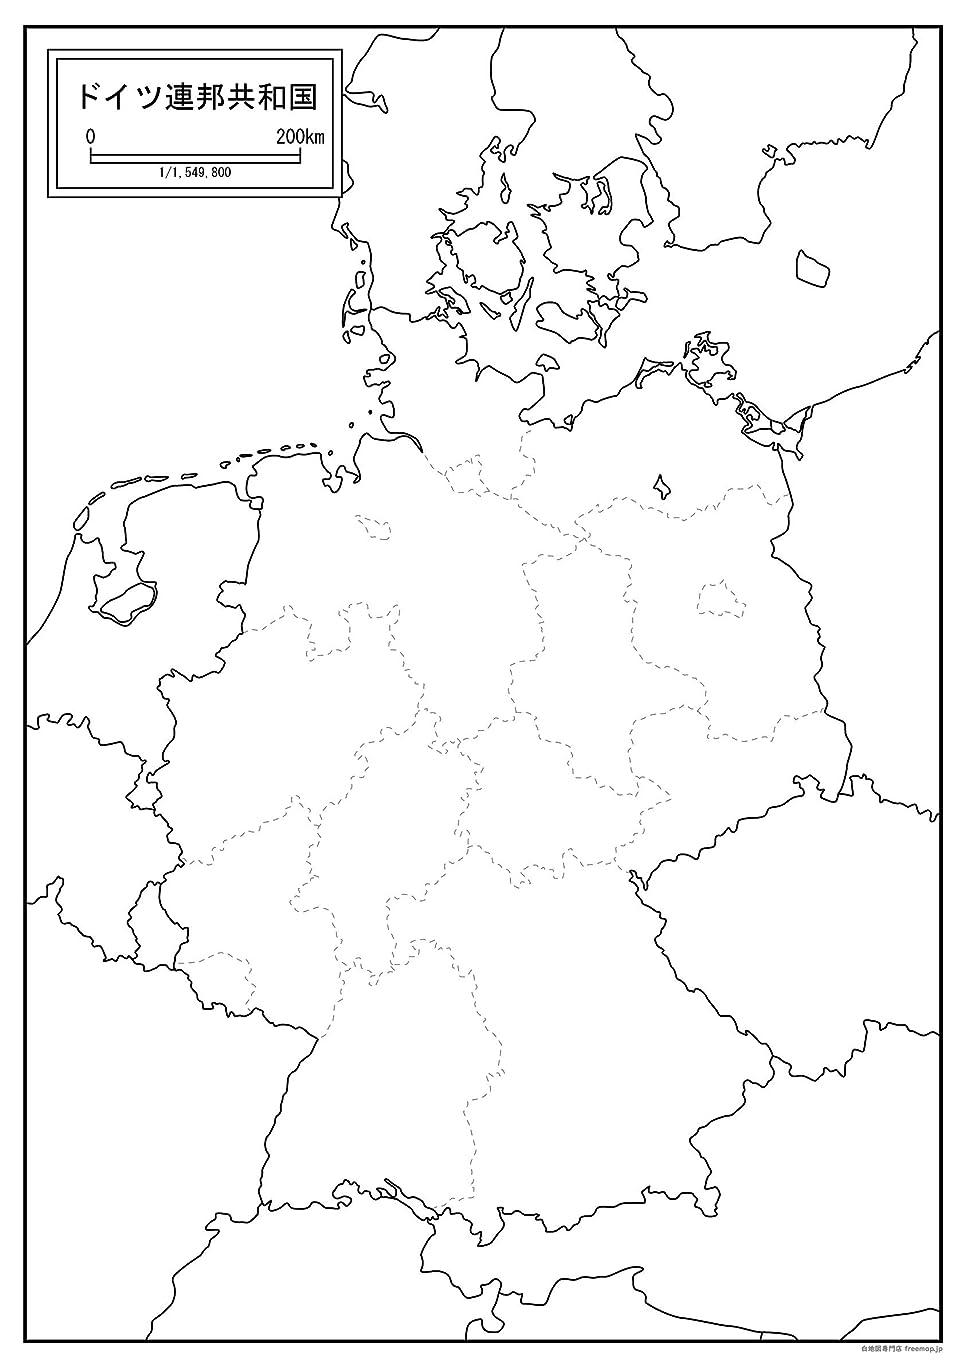 訪問衣類サーバドイツの白地図 A1サイズ 2枚セット